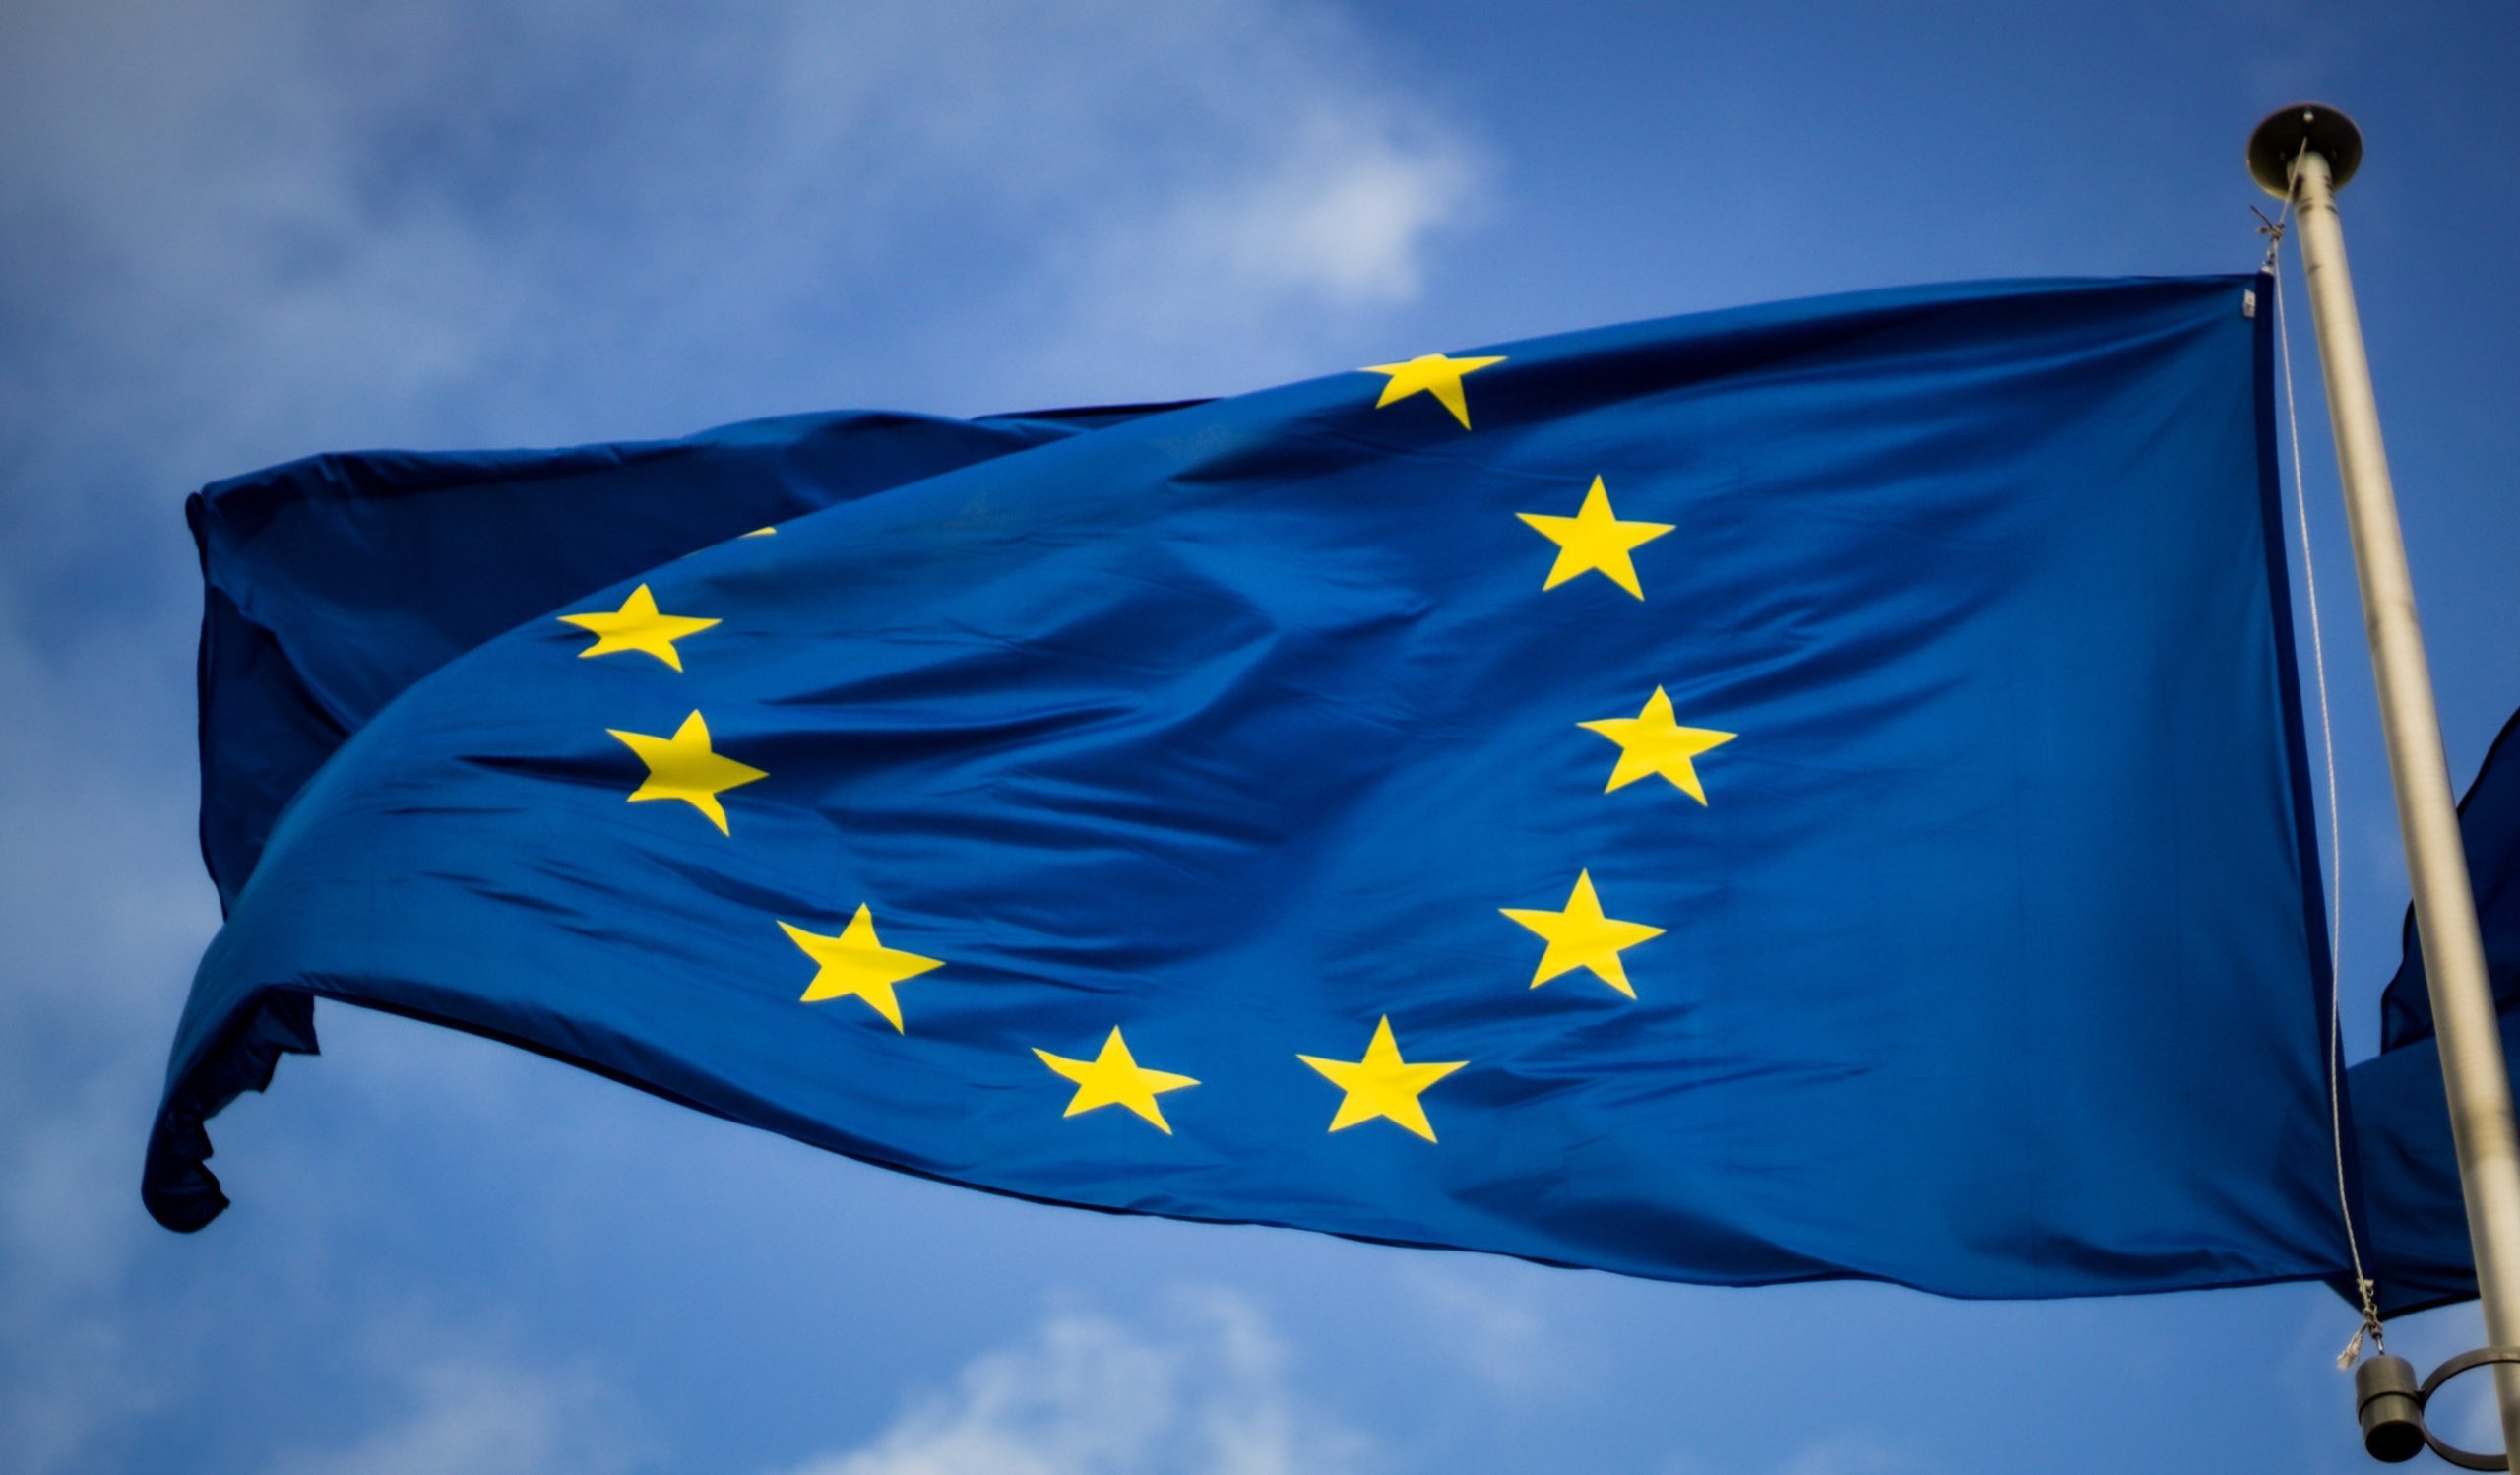 Co nám Evropská unie dala a co nám vzala – komunikace o EU a dezinformace